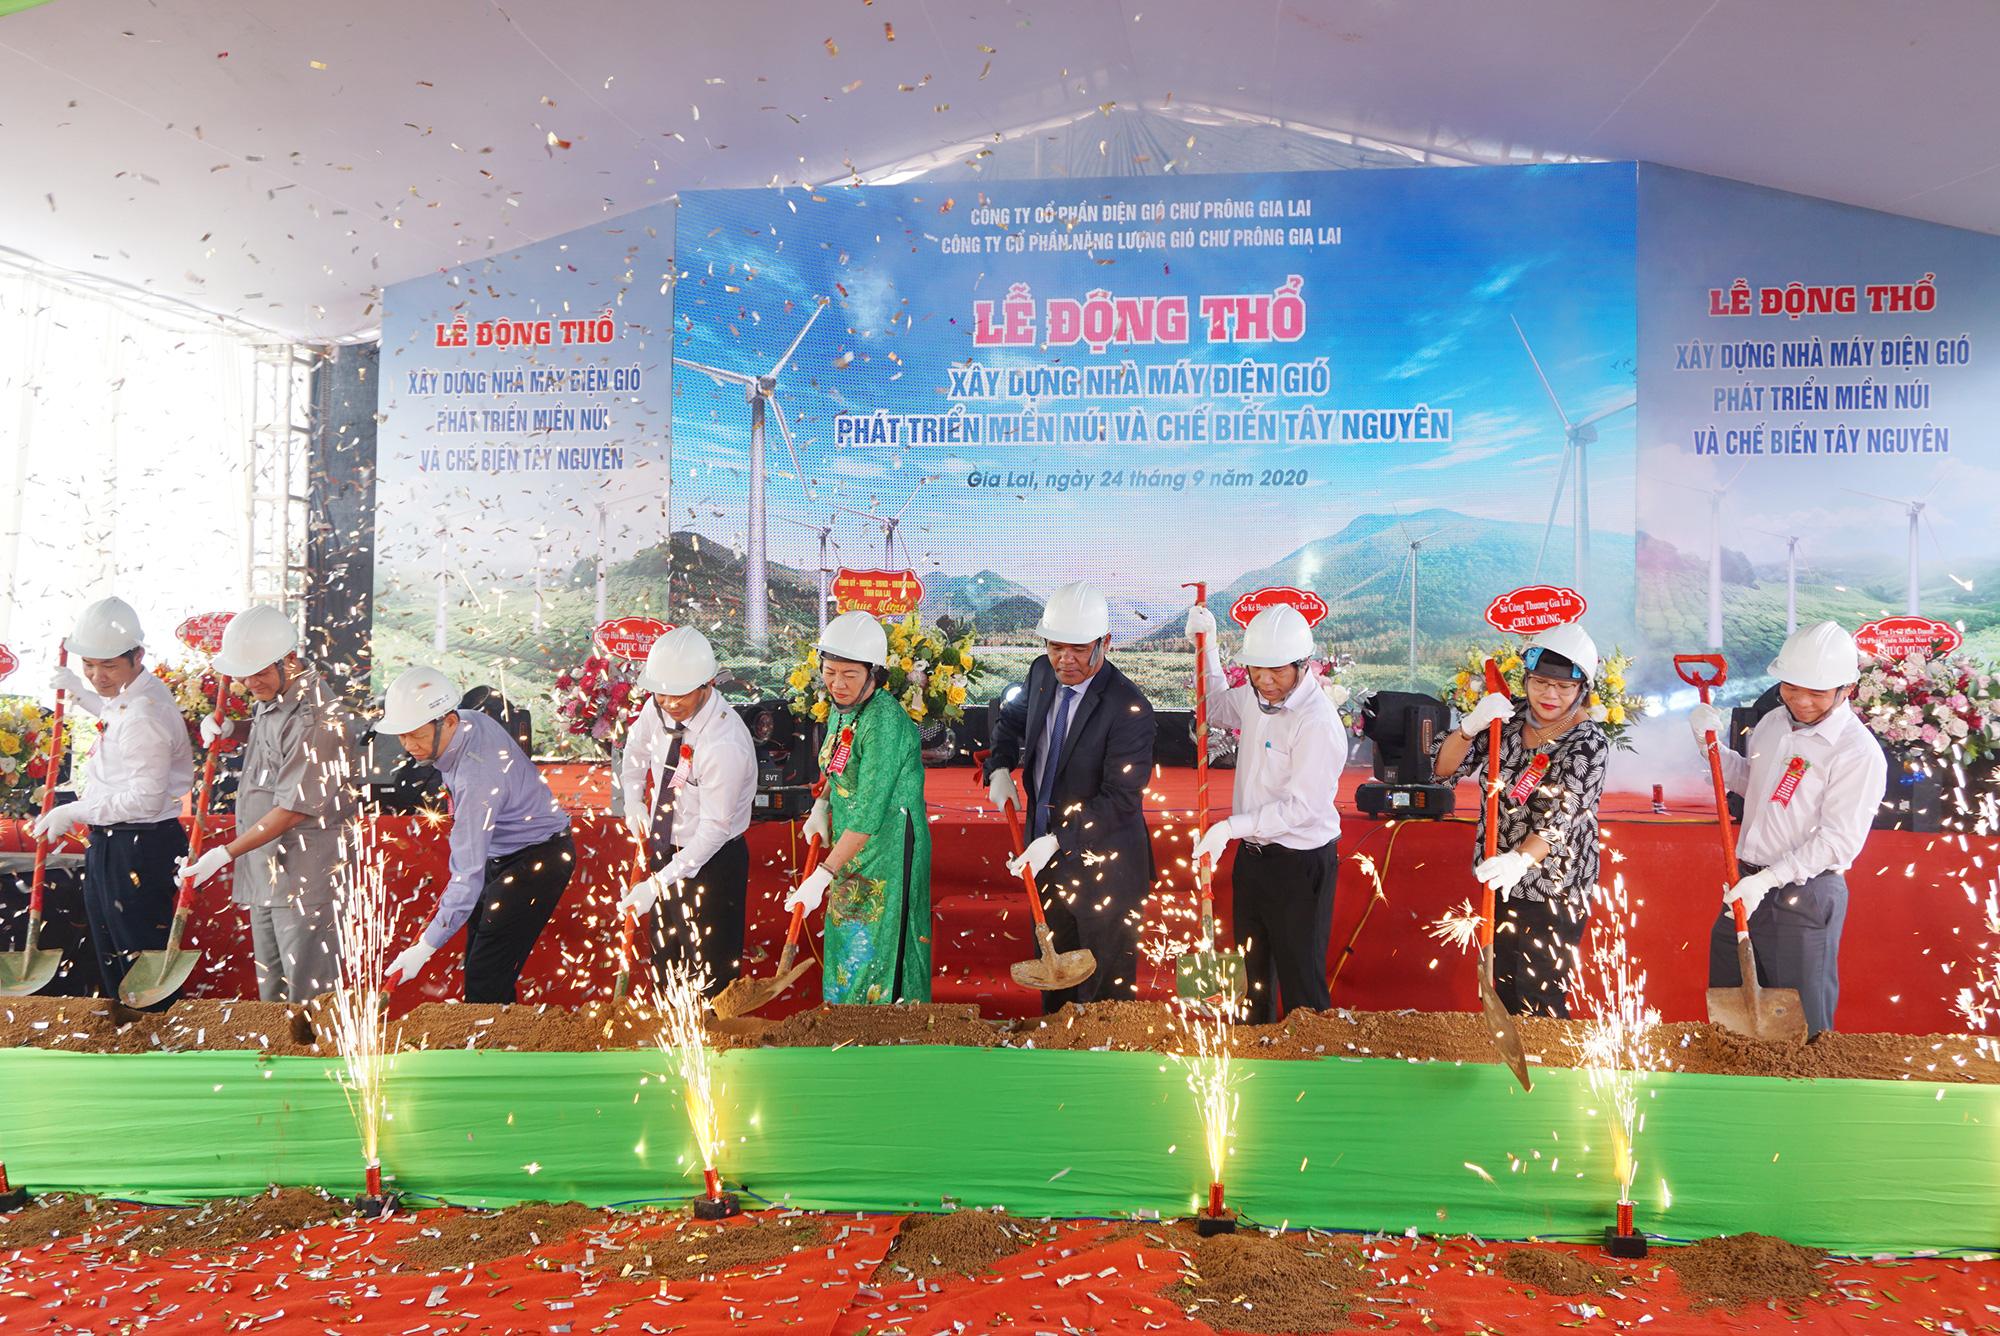 Gia Lai: Hai dự án điện gió 3.600 tỷ đồng sẽ hoạt động vào năm 2021 - Ảnh 1.